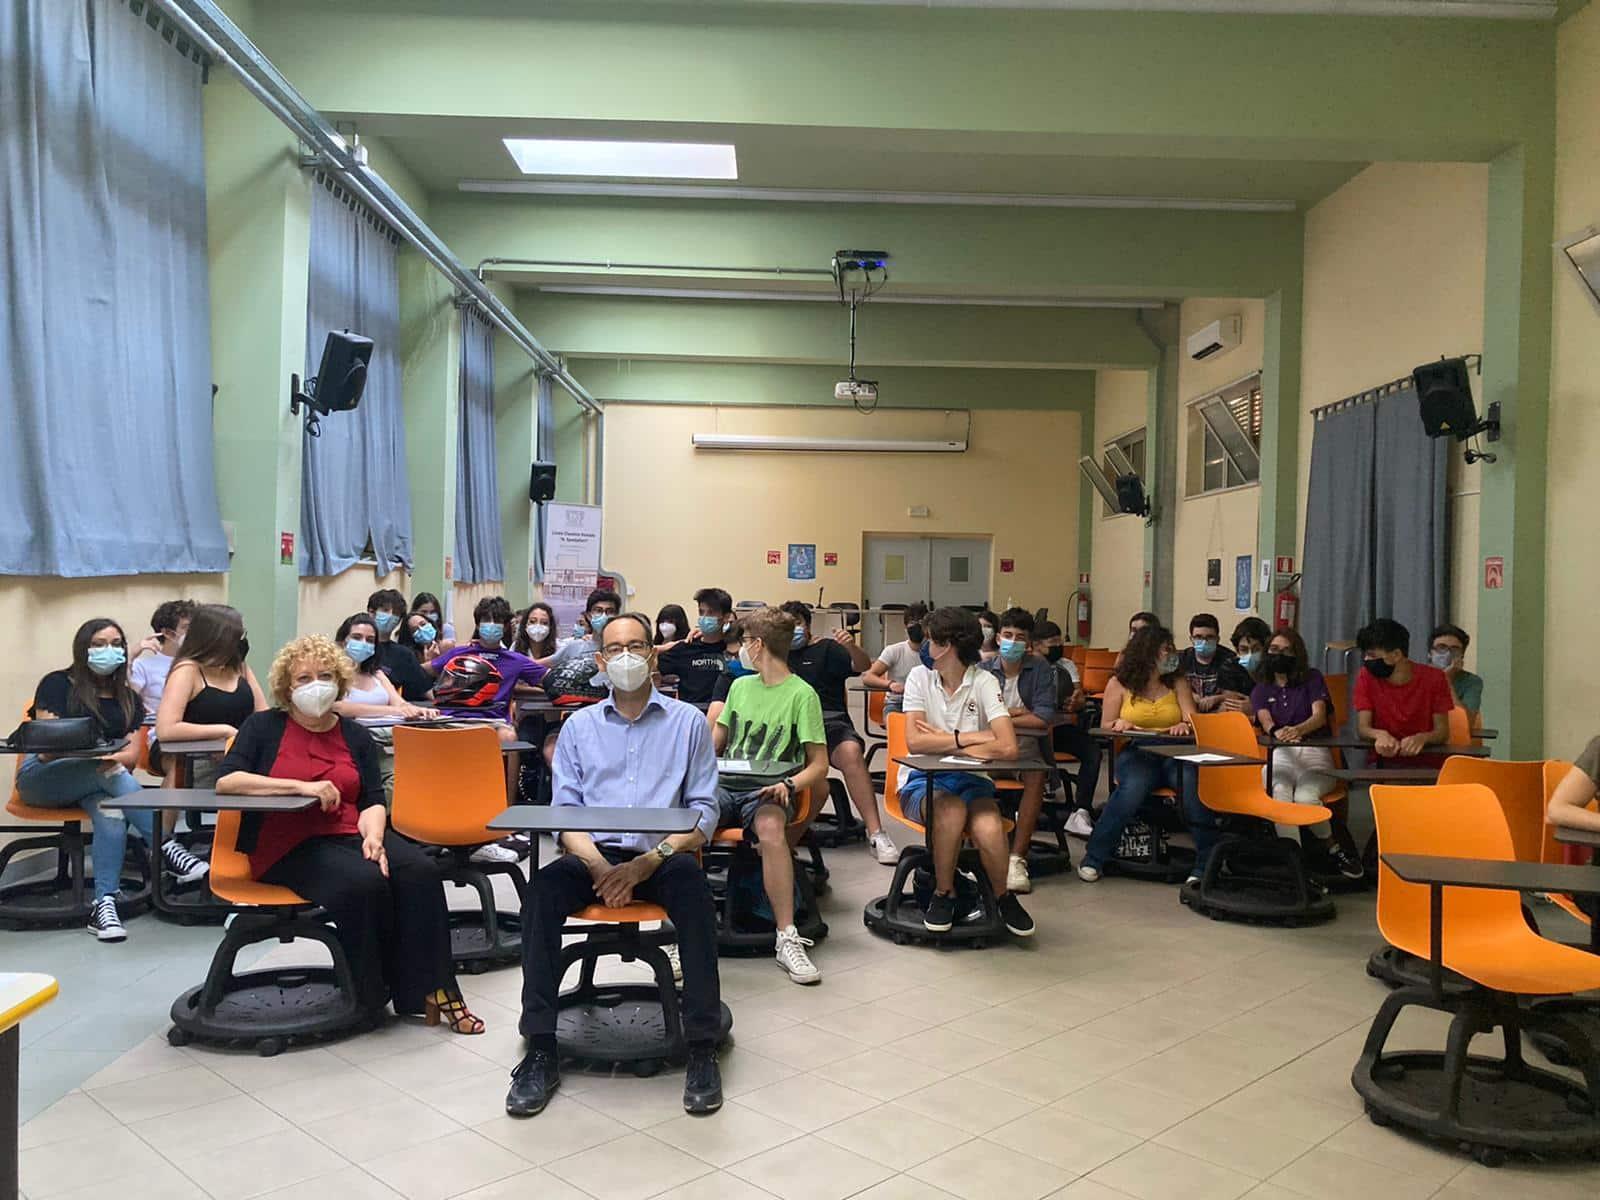 REstate allo Spedalieri: il Piano Scuola Estate del Liceo – FOTO